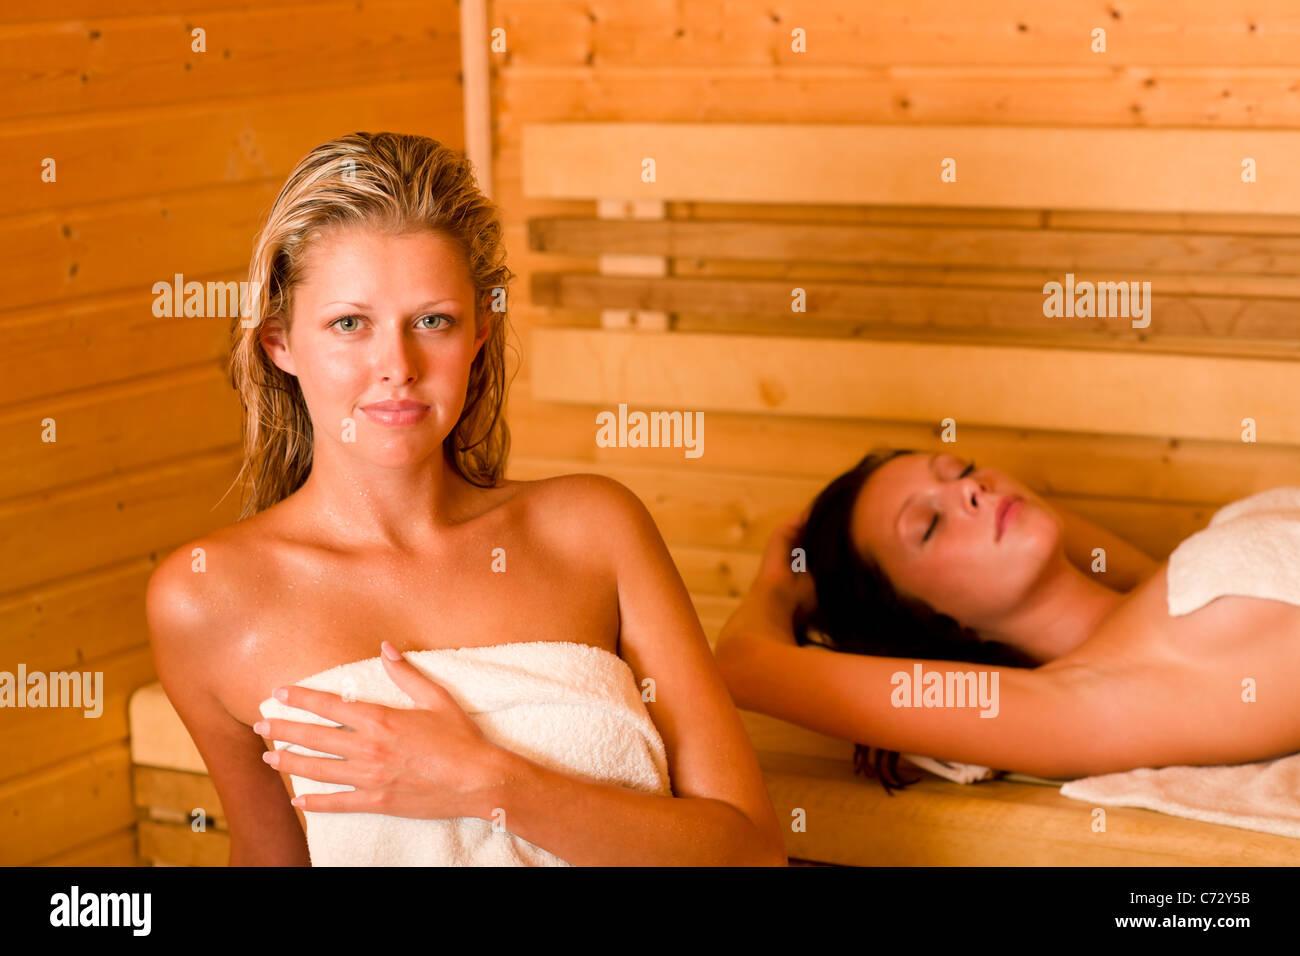 Порно видео мама и сын моются в баньке смотреть онлайн бесплатно